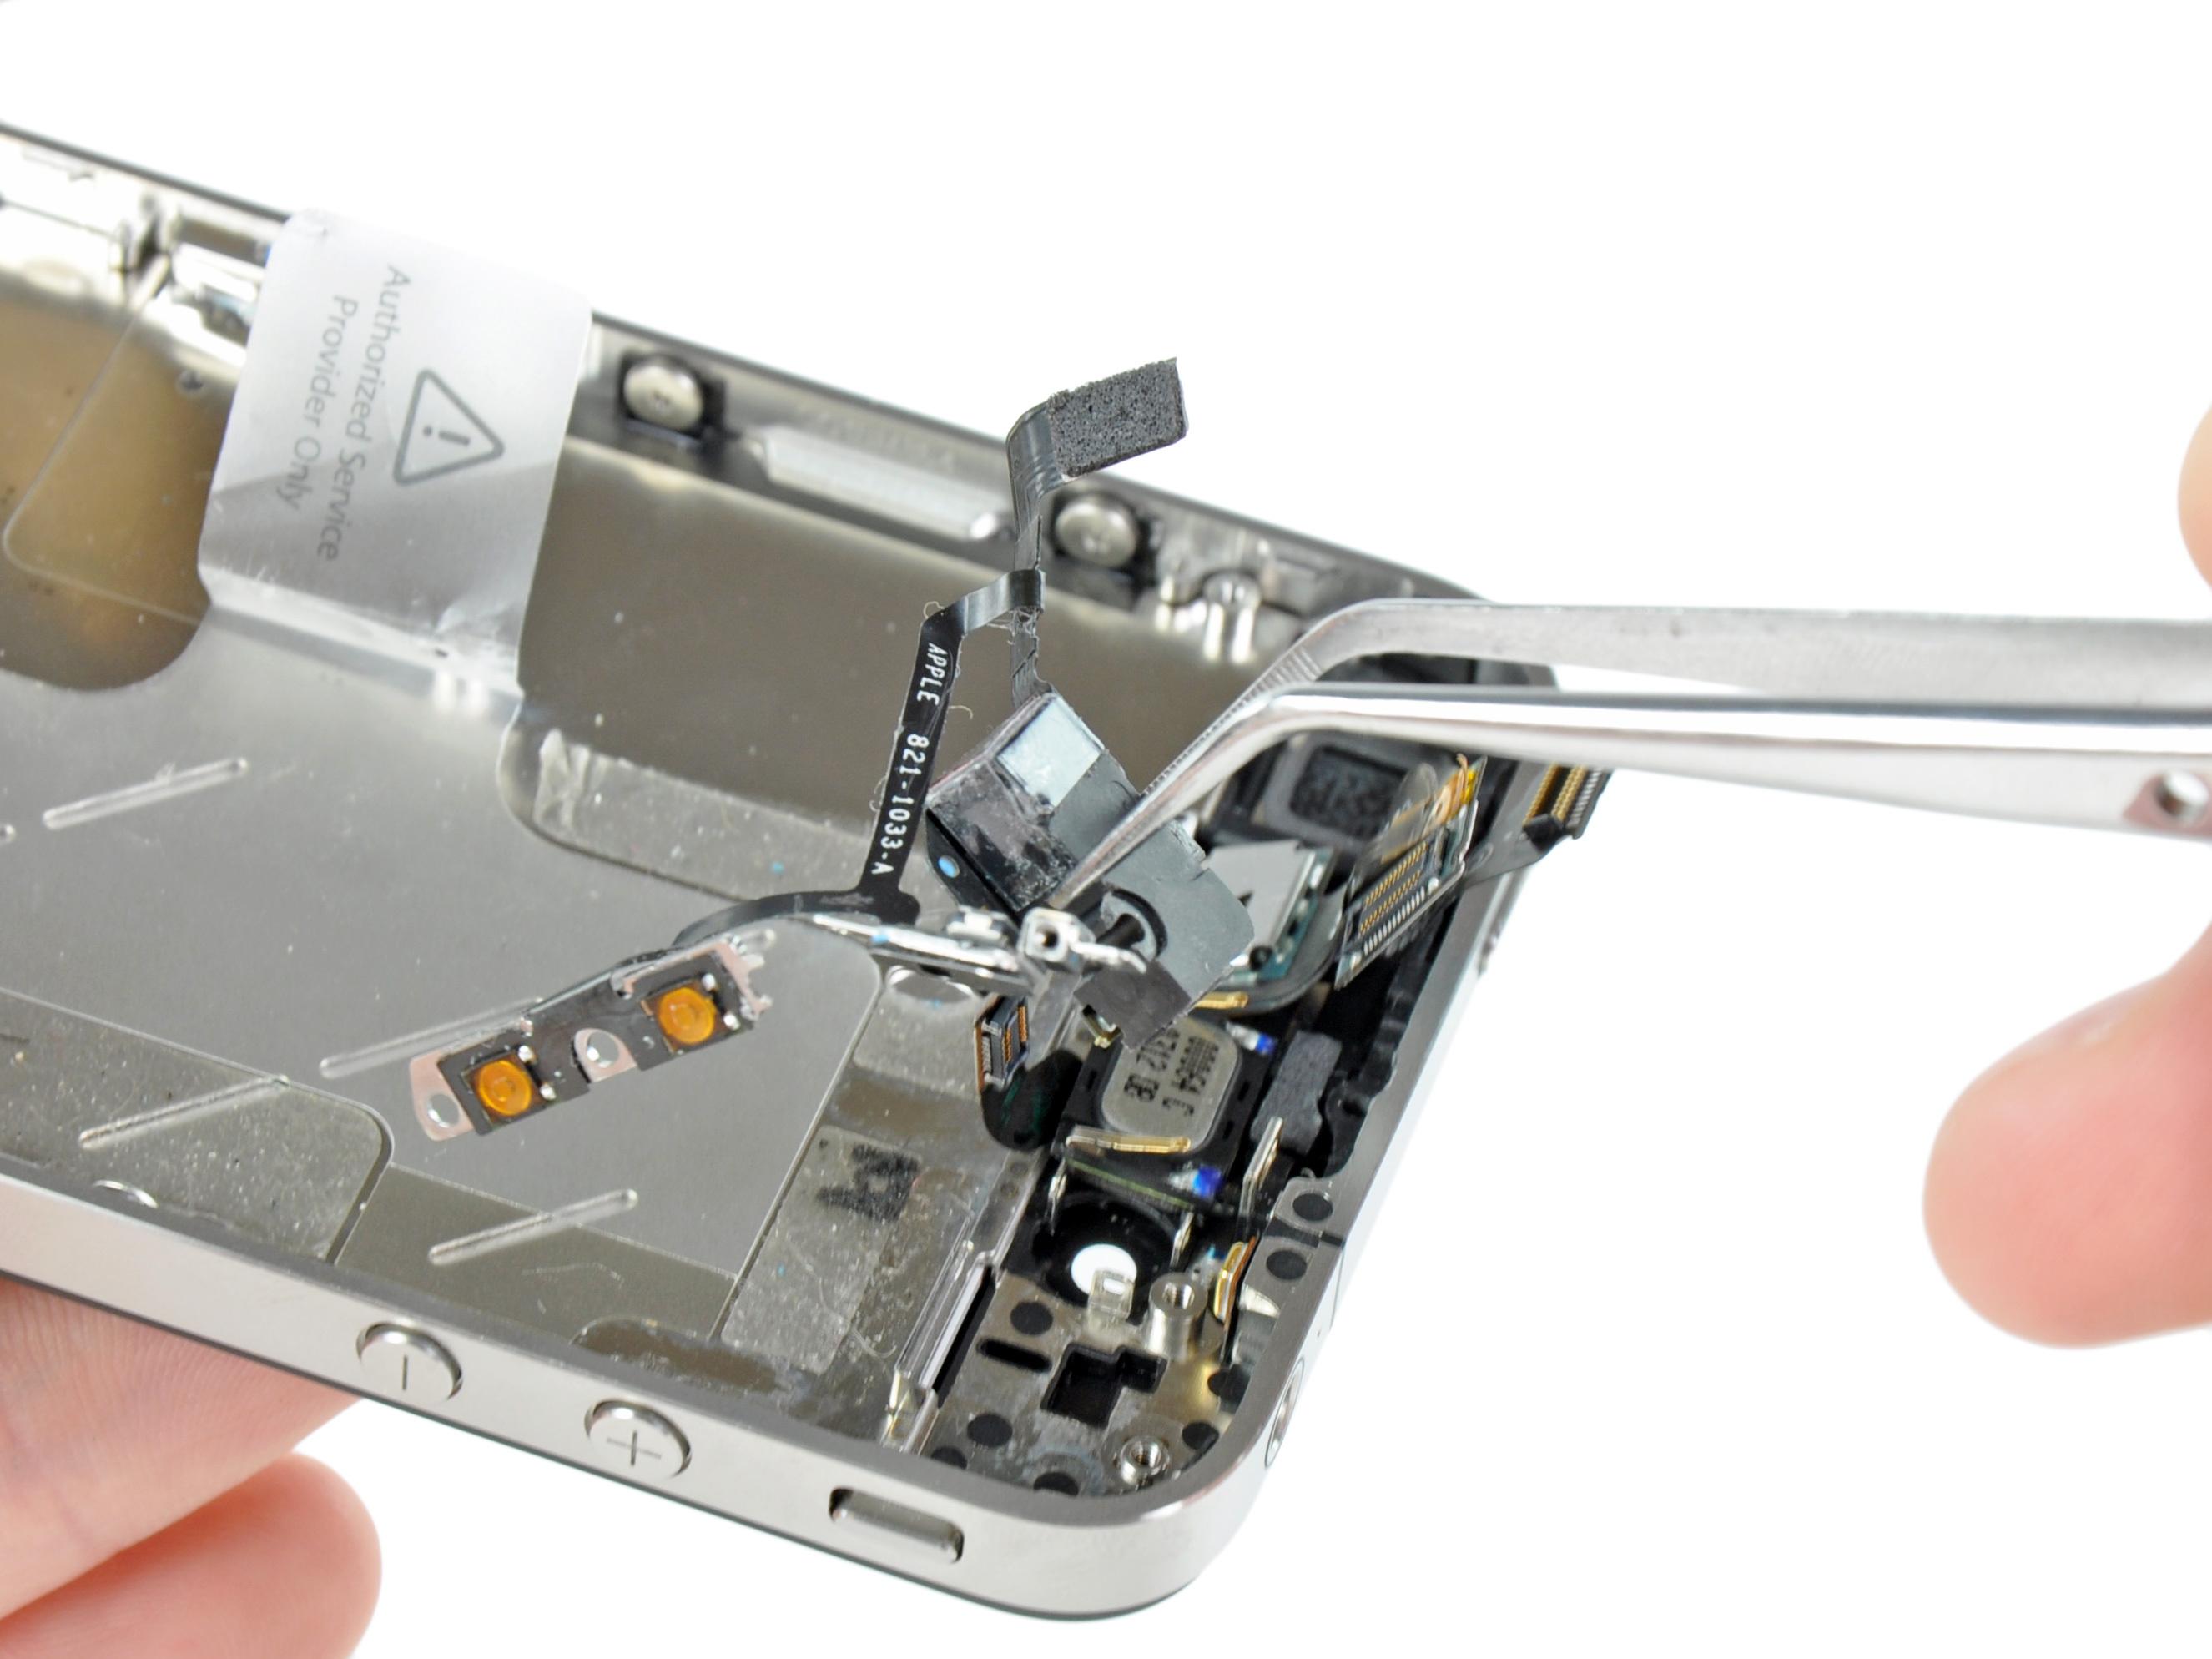 Thay cáp nguồn iPhone 4 – Thay dây nút nguồn